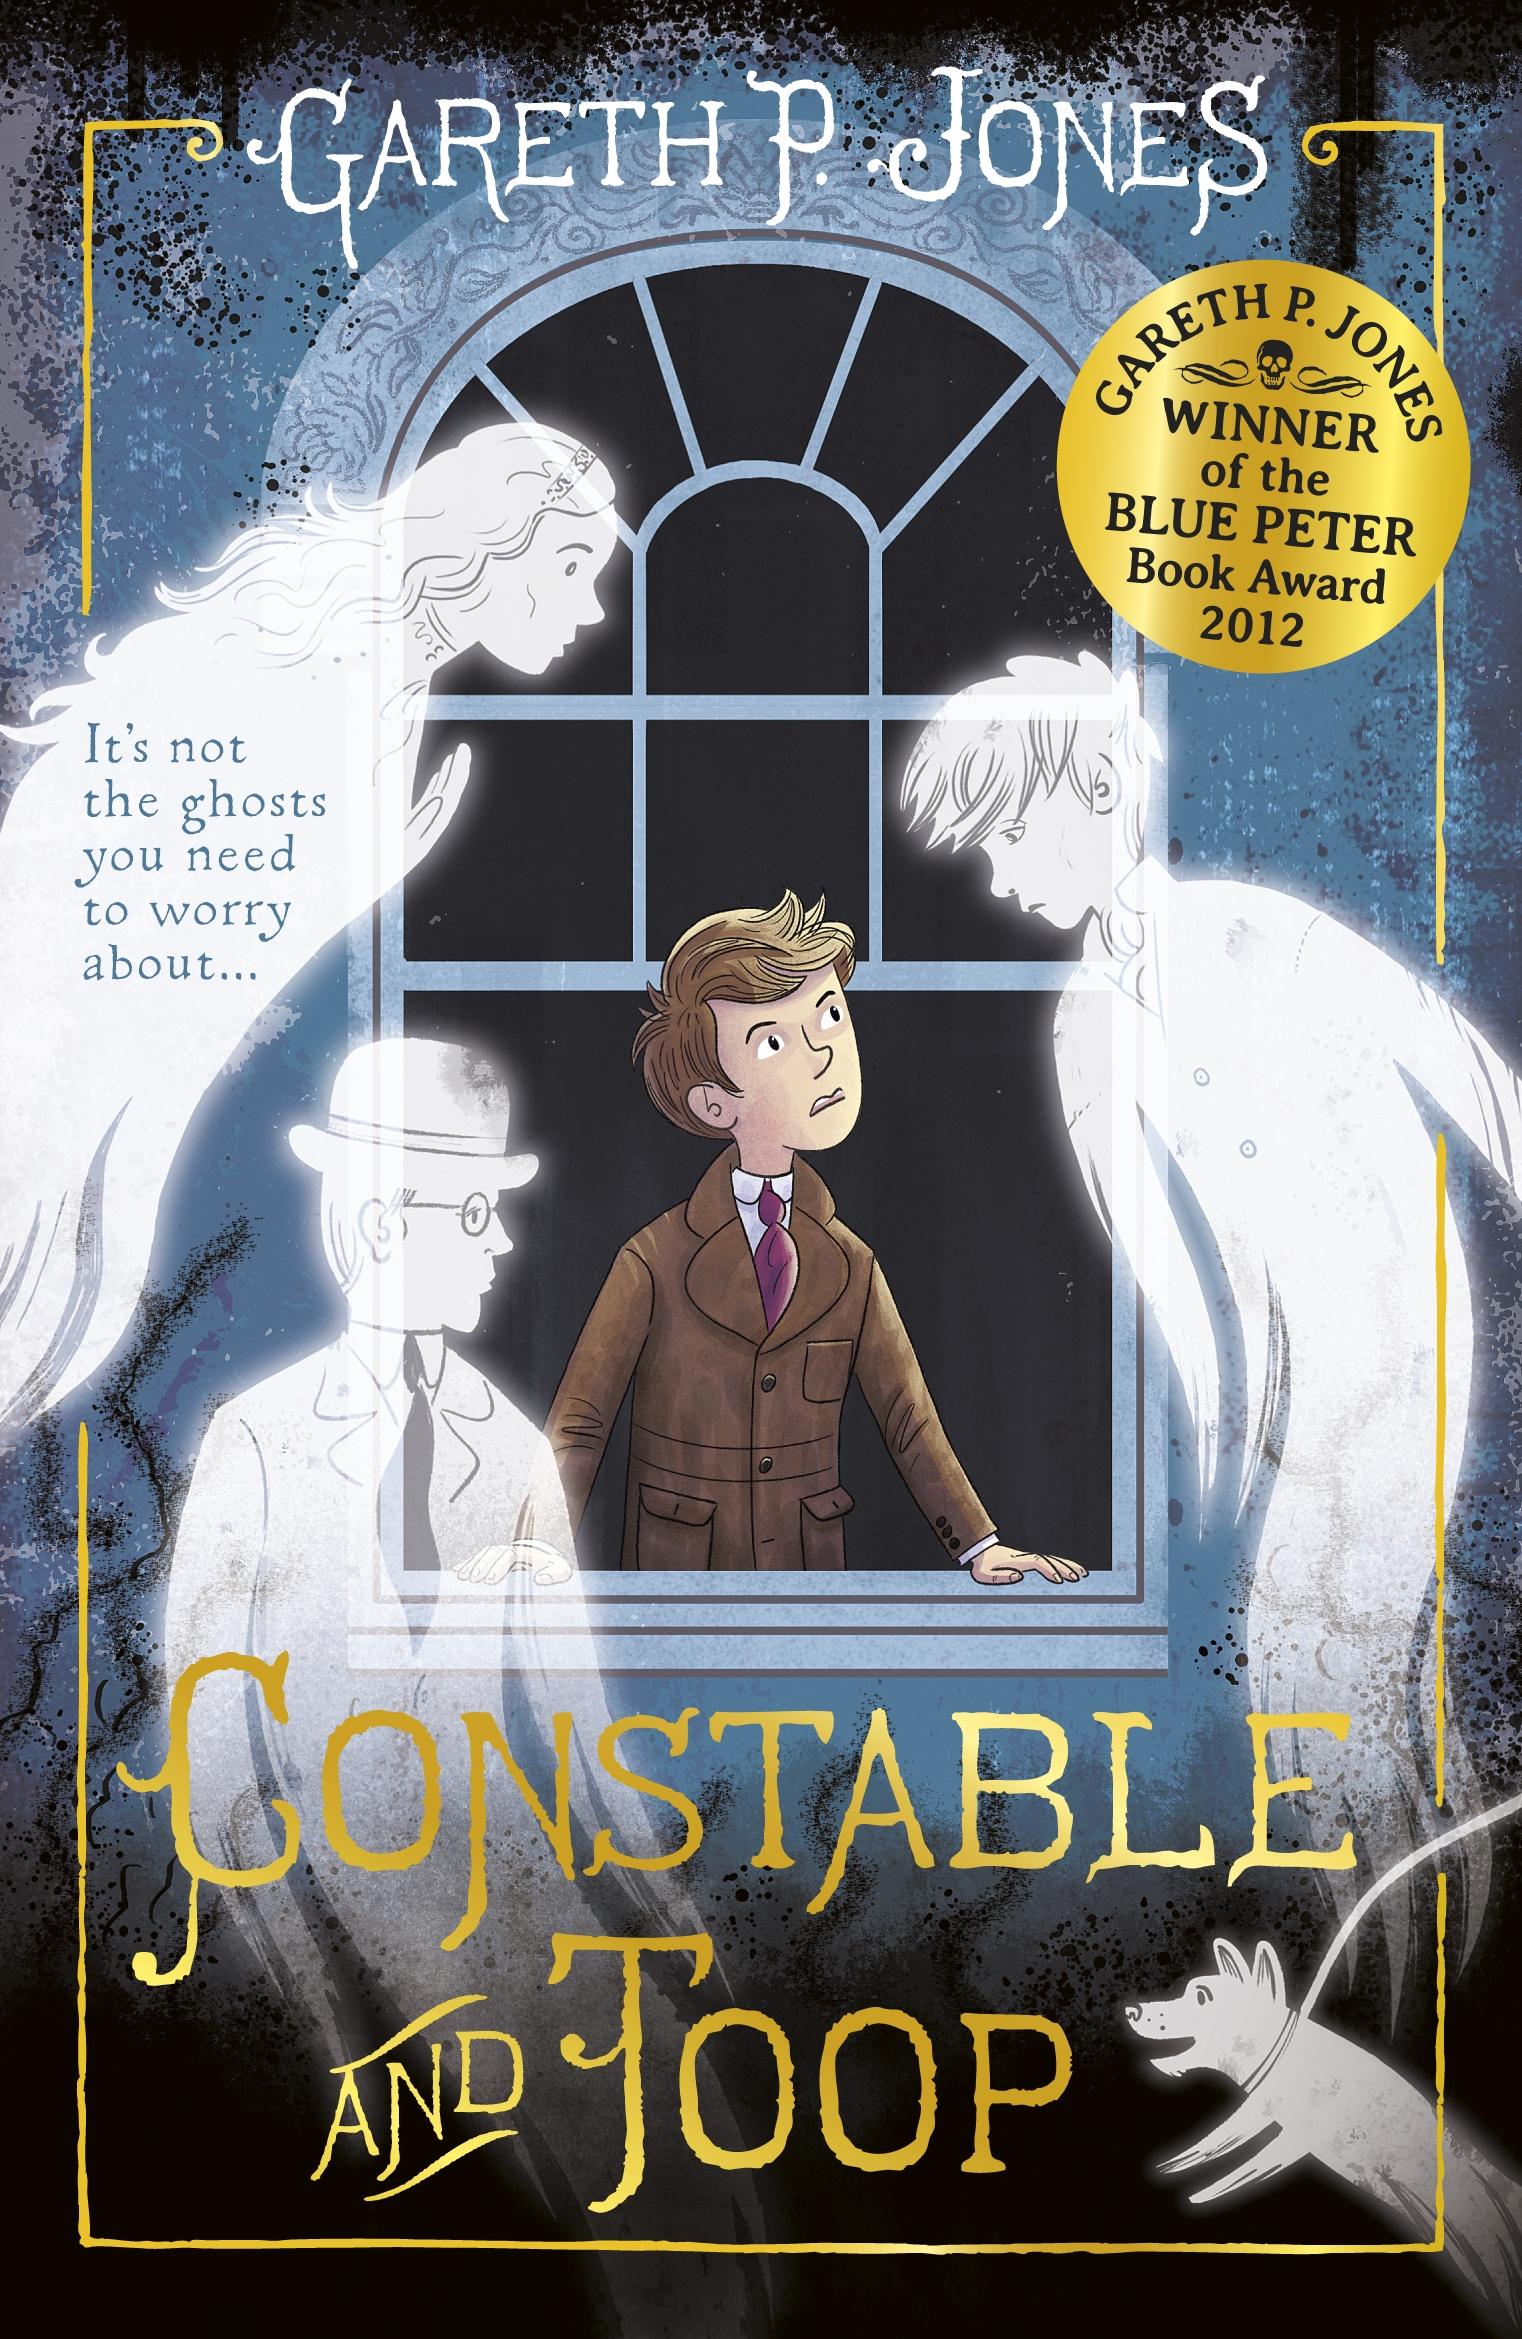 Constable & Toop by Gareth P. Jones